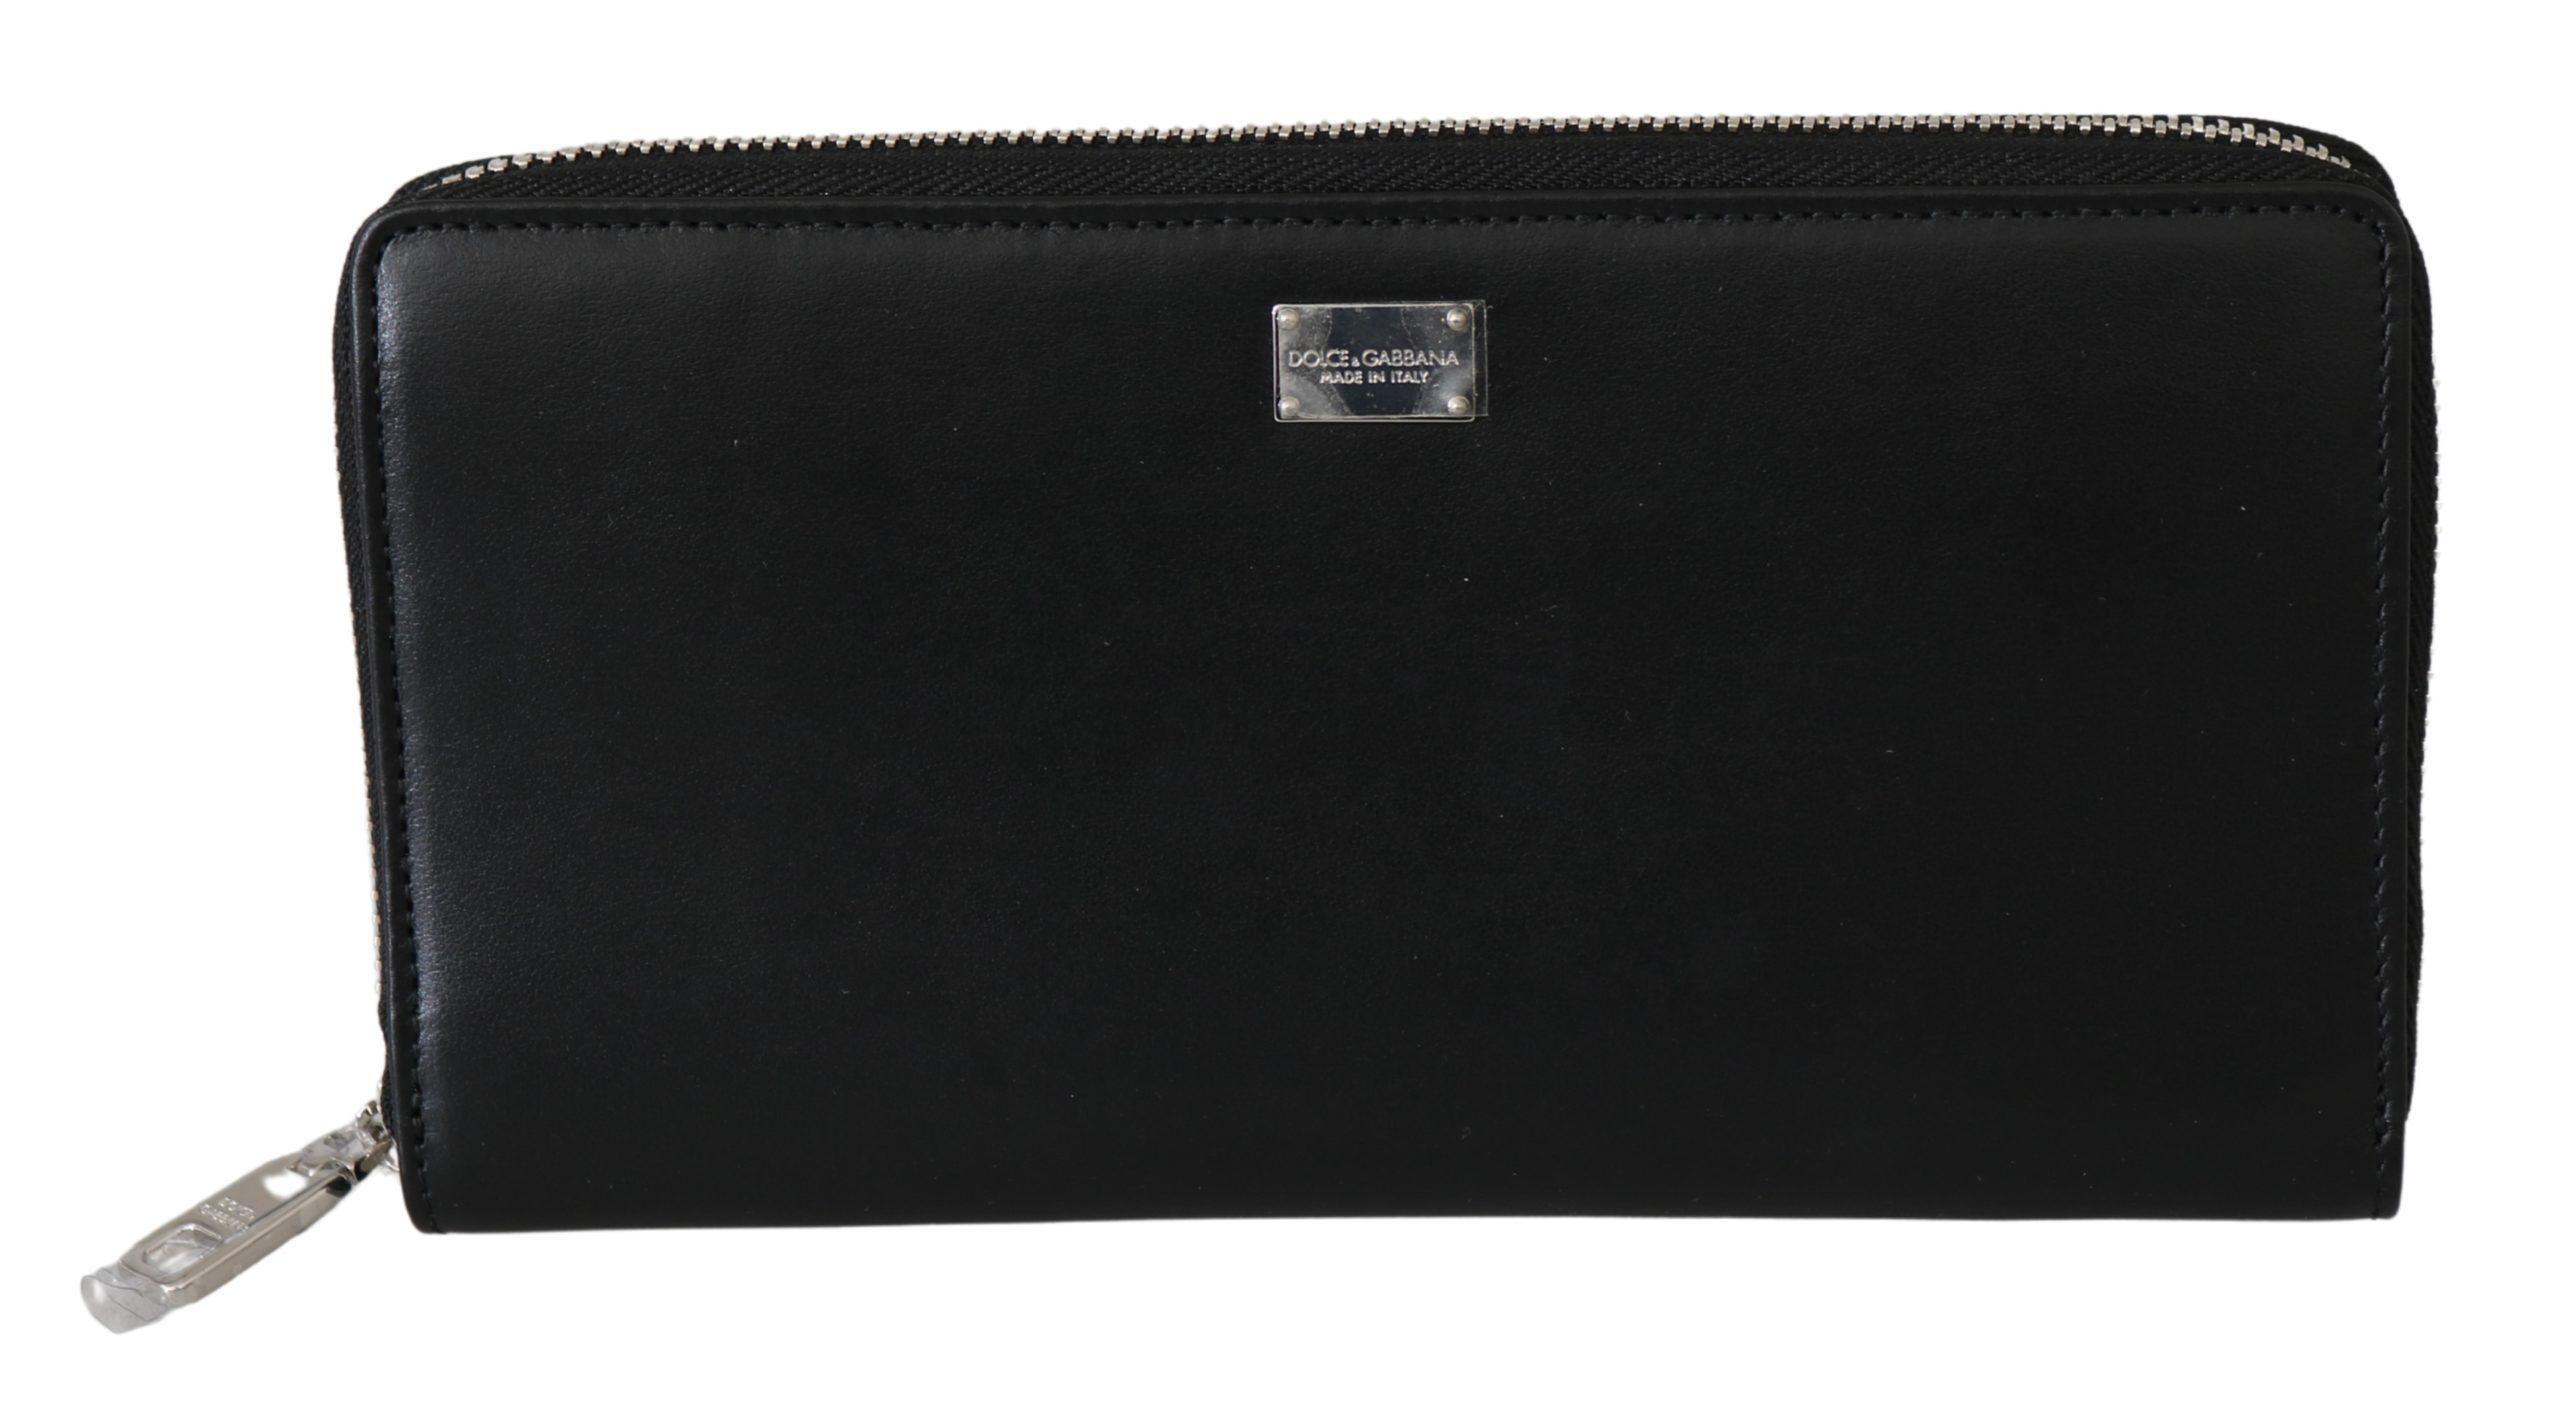 Dolce & Gabbana Men's Zip Around Continental Leather Wallet Black VAS9575